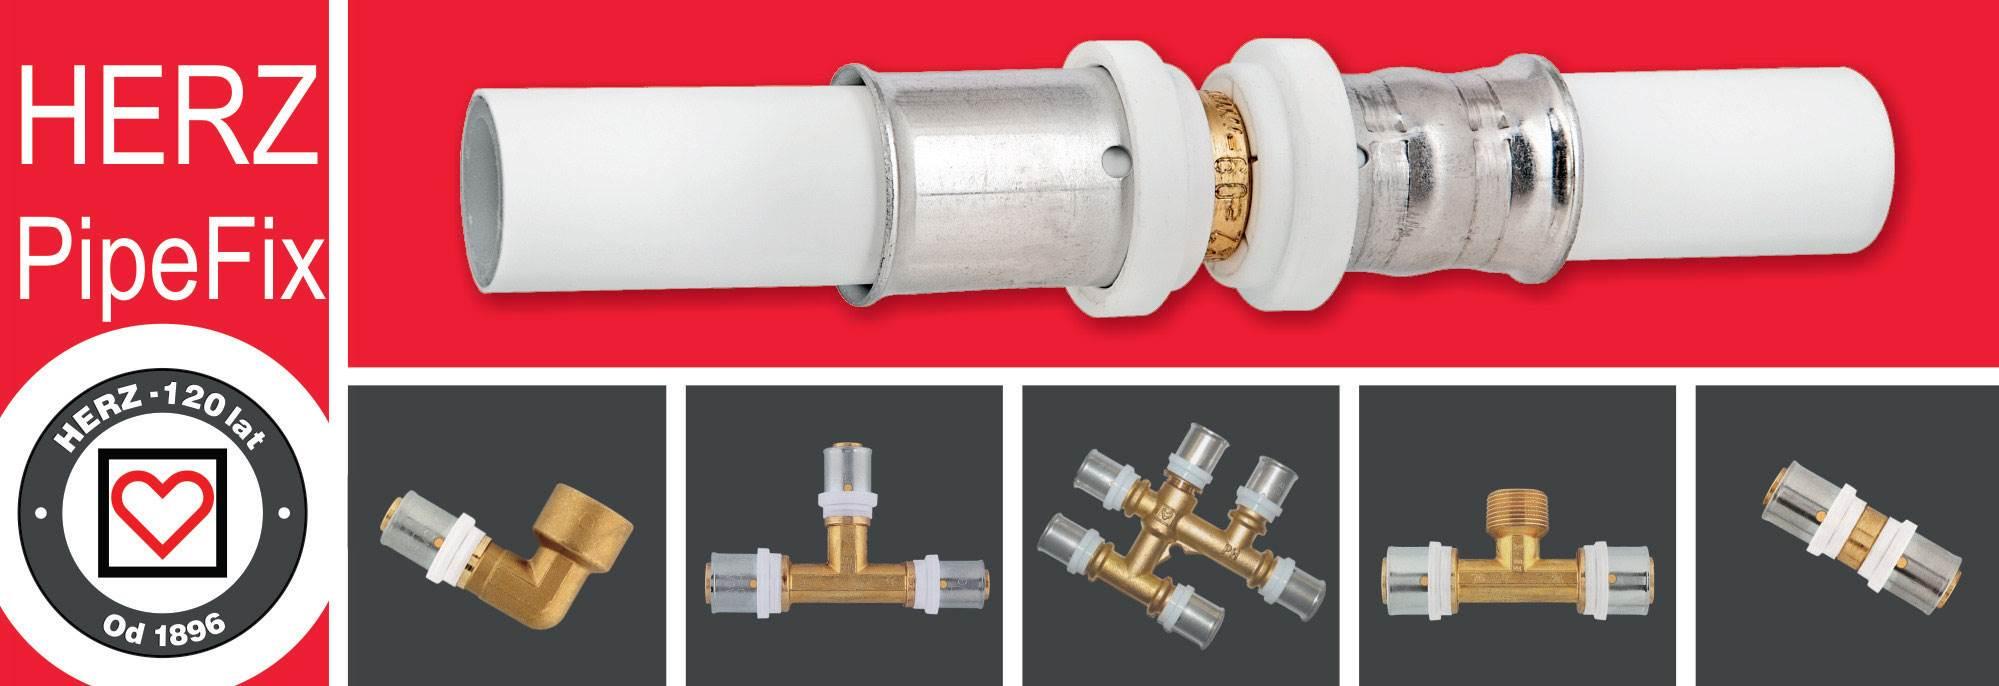 nowoczesna armatura i systemy instalacyjne marki herz - Nowoczesna armatura i systemy instalacyjne marki HERZ